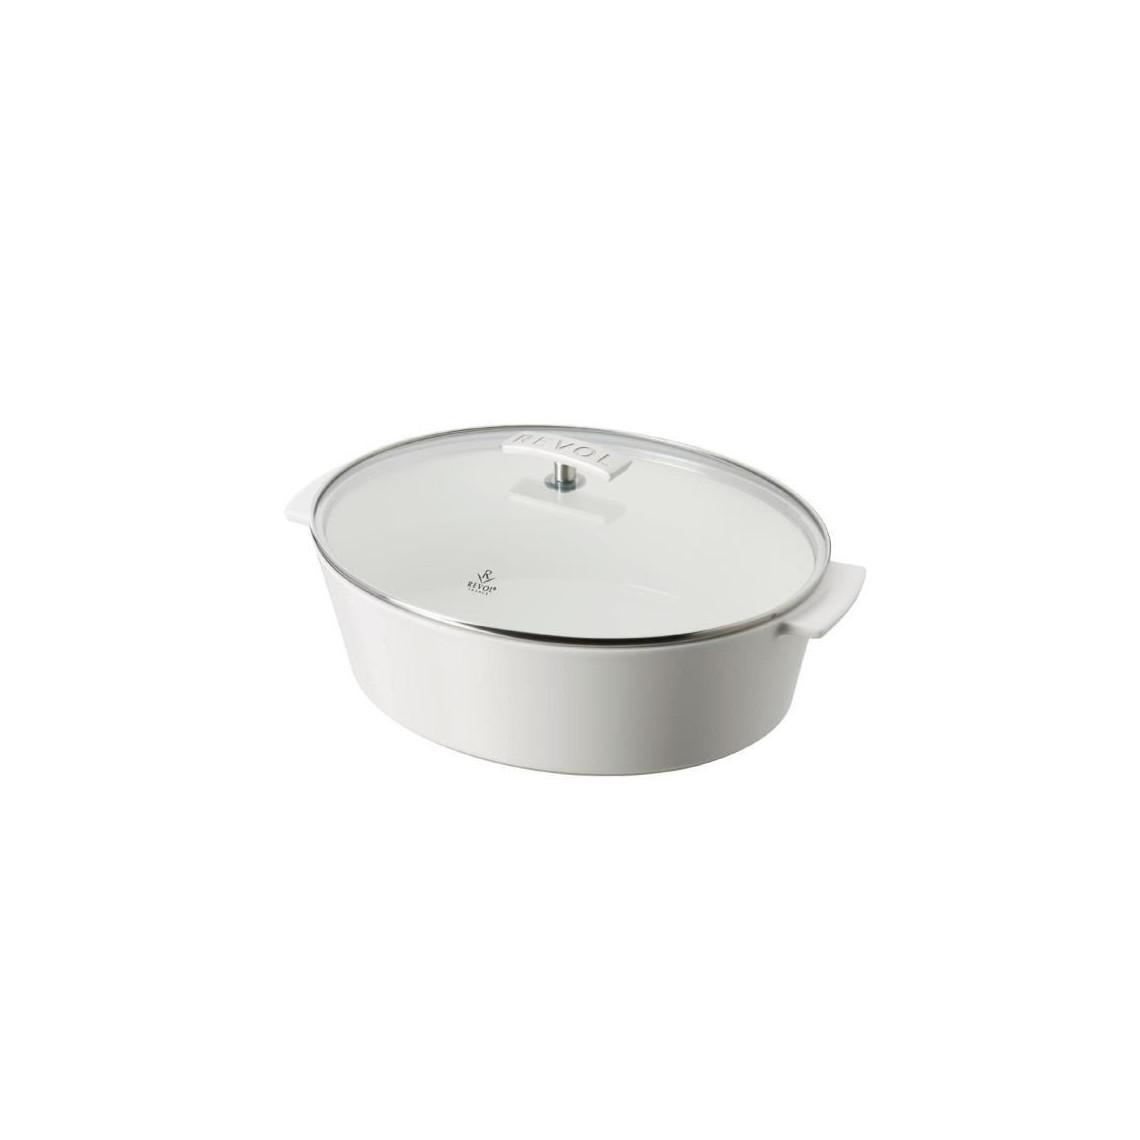 Cocotte Revol ovale blanche avec couvercle en verre (3